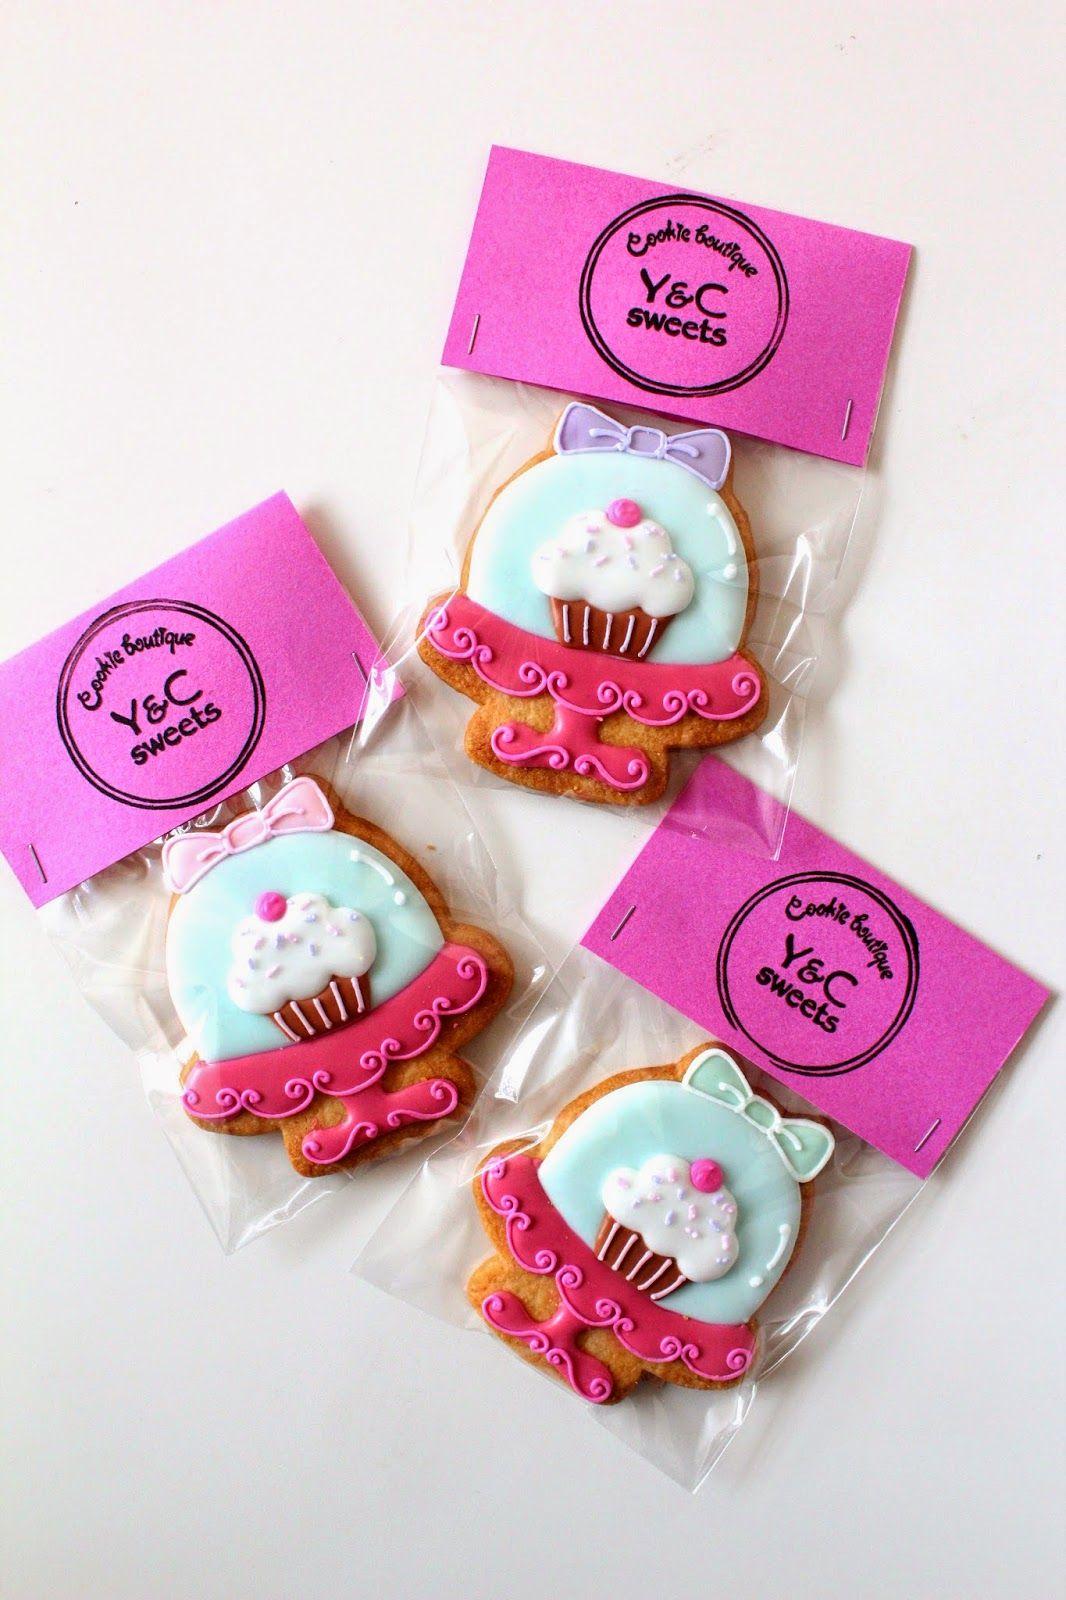 ケーキスタンドのアイシングクッキー Cakestand icing cookies Cookie